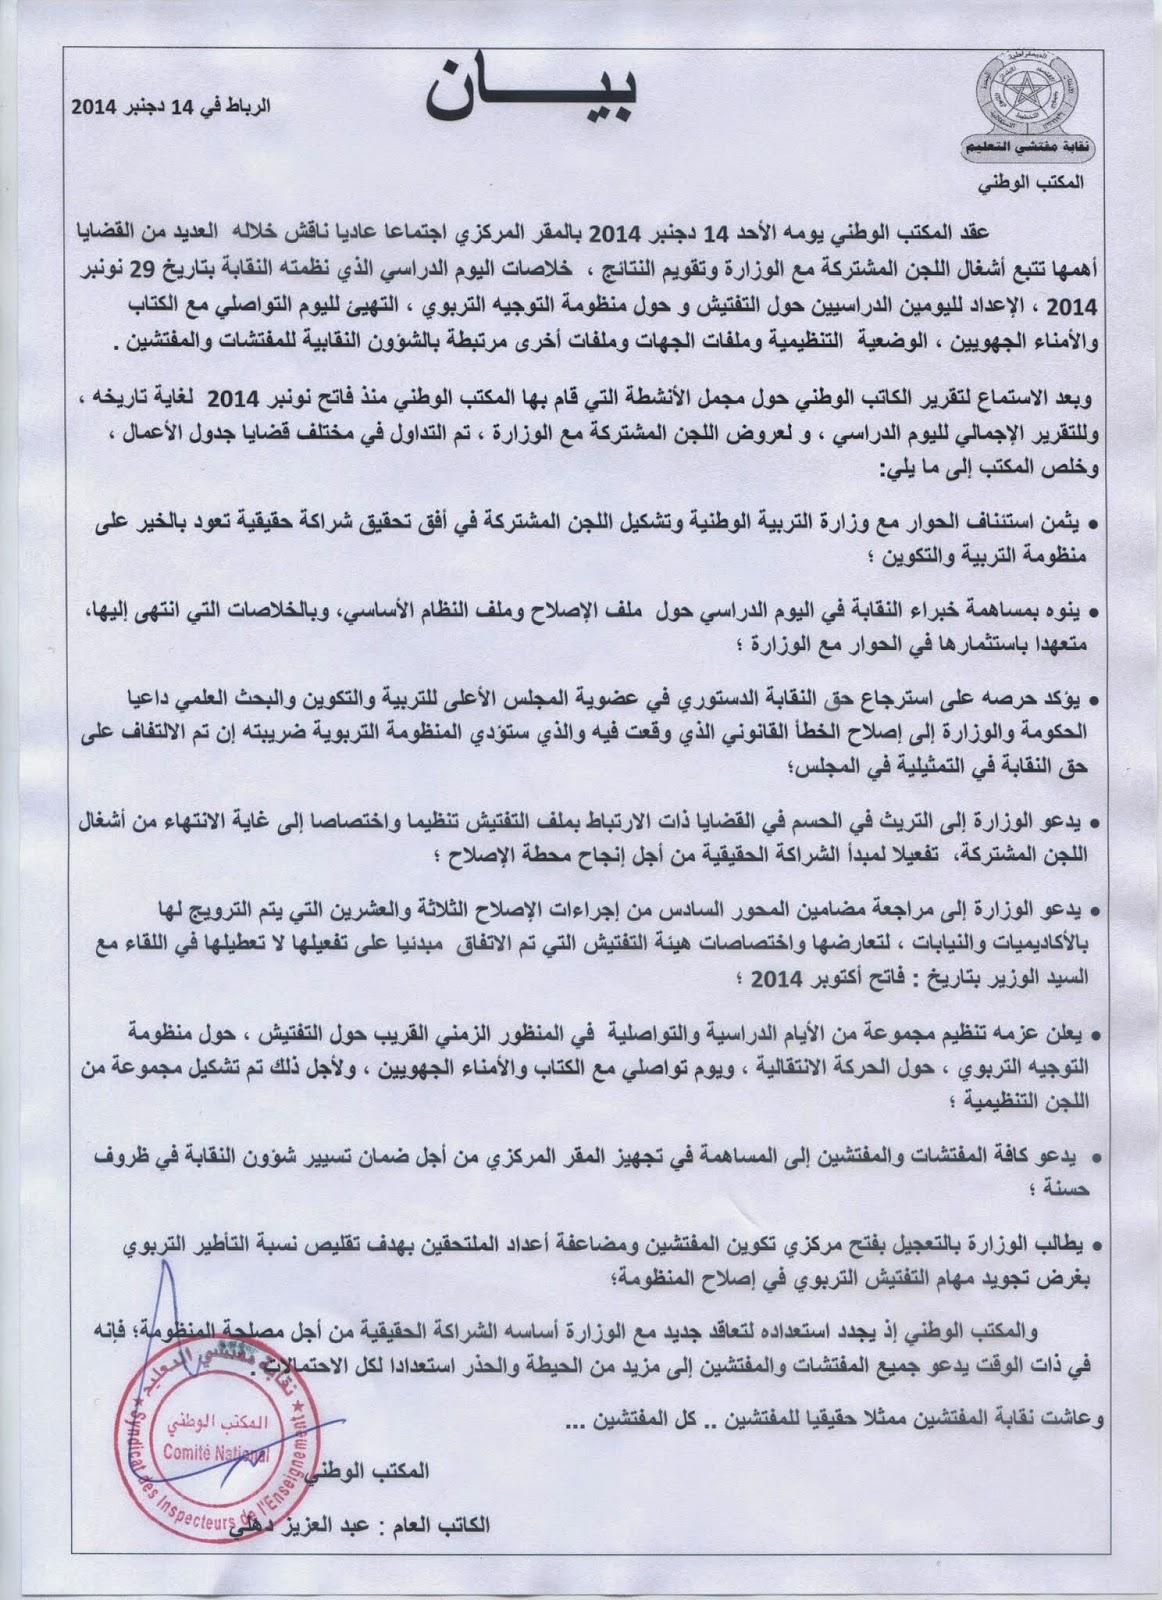 بيان للمكتب الوطني لنقابة مفتشي التعليم